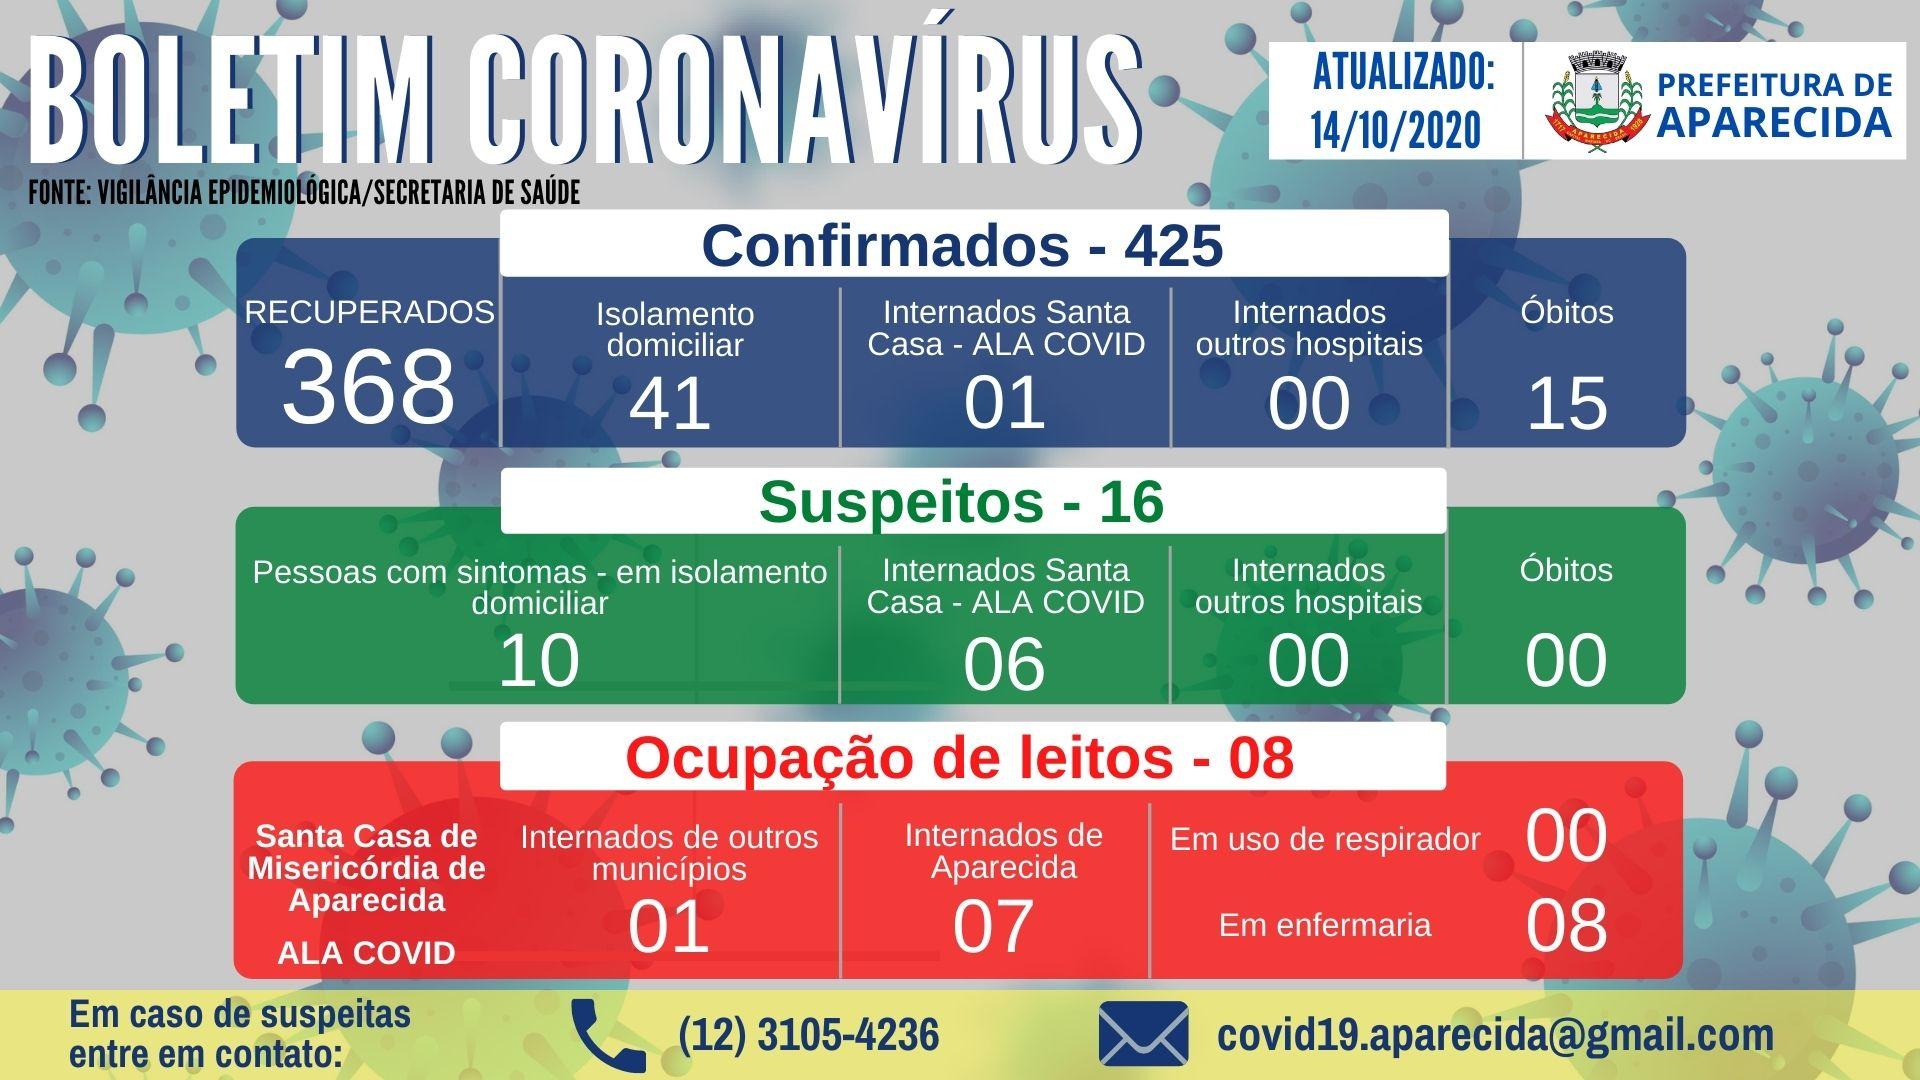 Boletim Coronavírus (1)